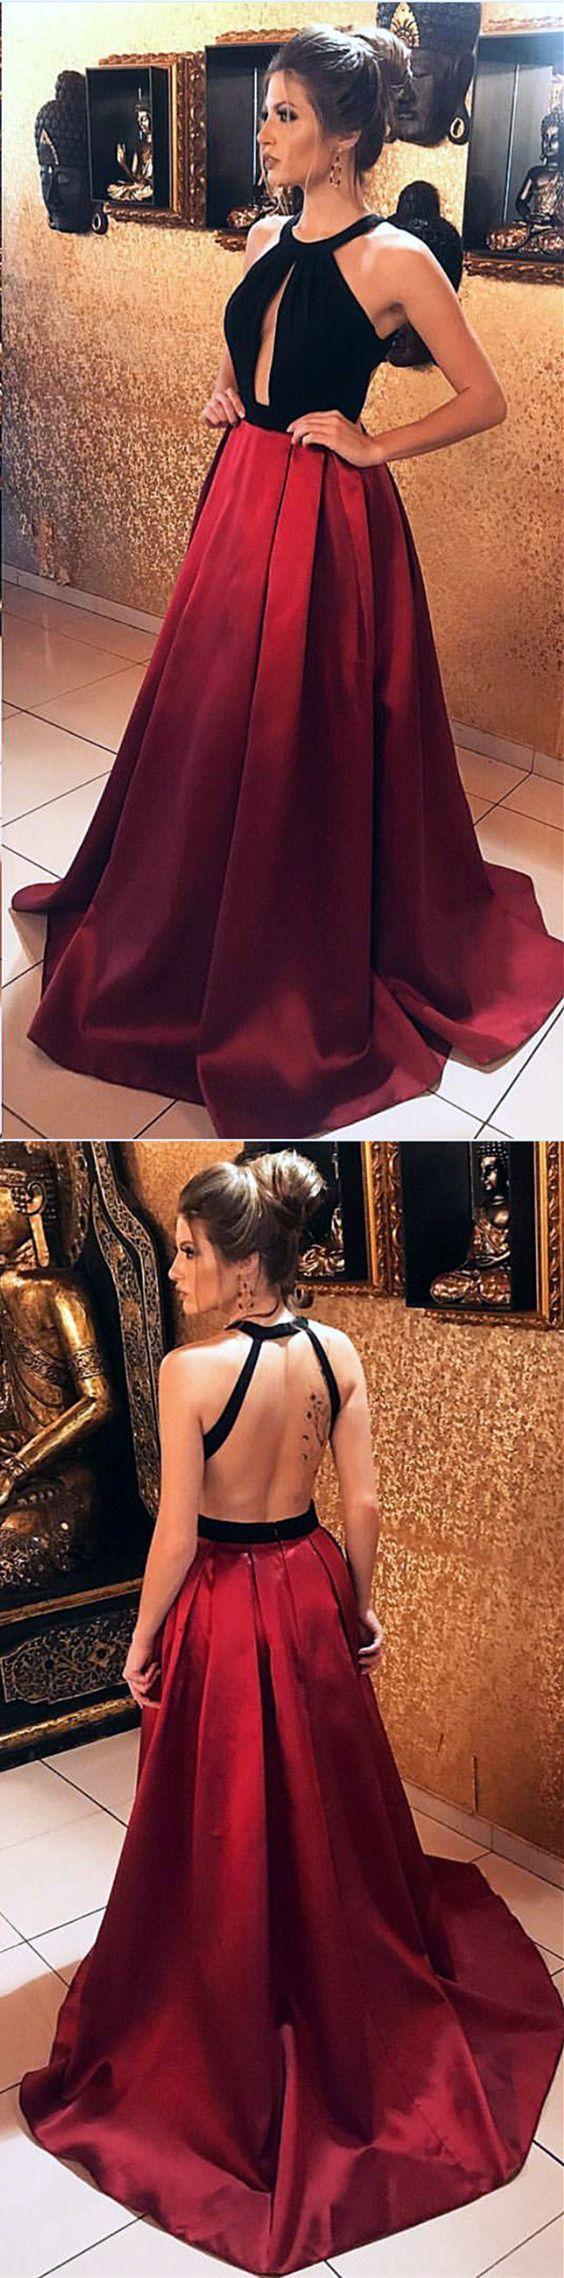 Black velvet halter top satin floor length evening gowns open back